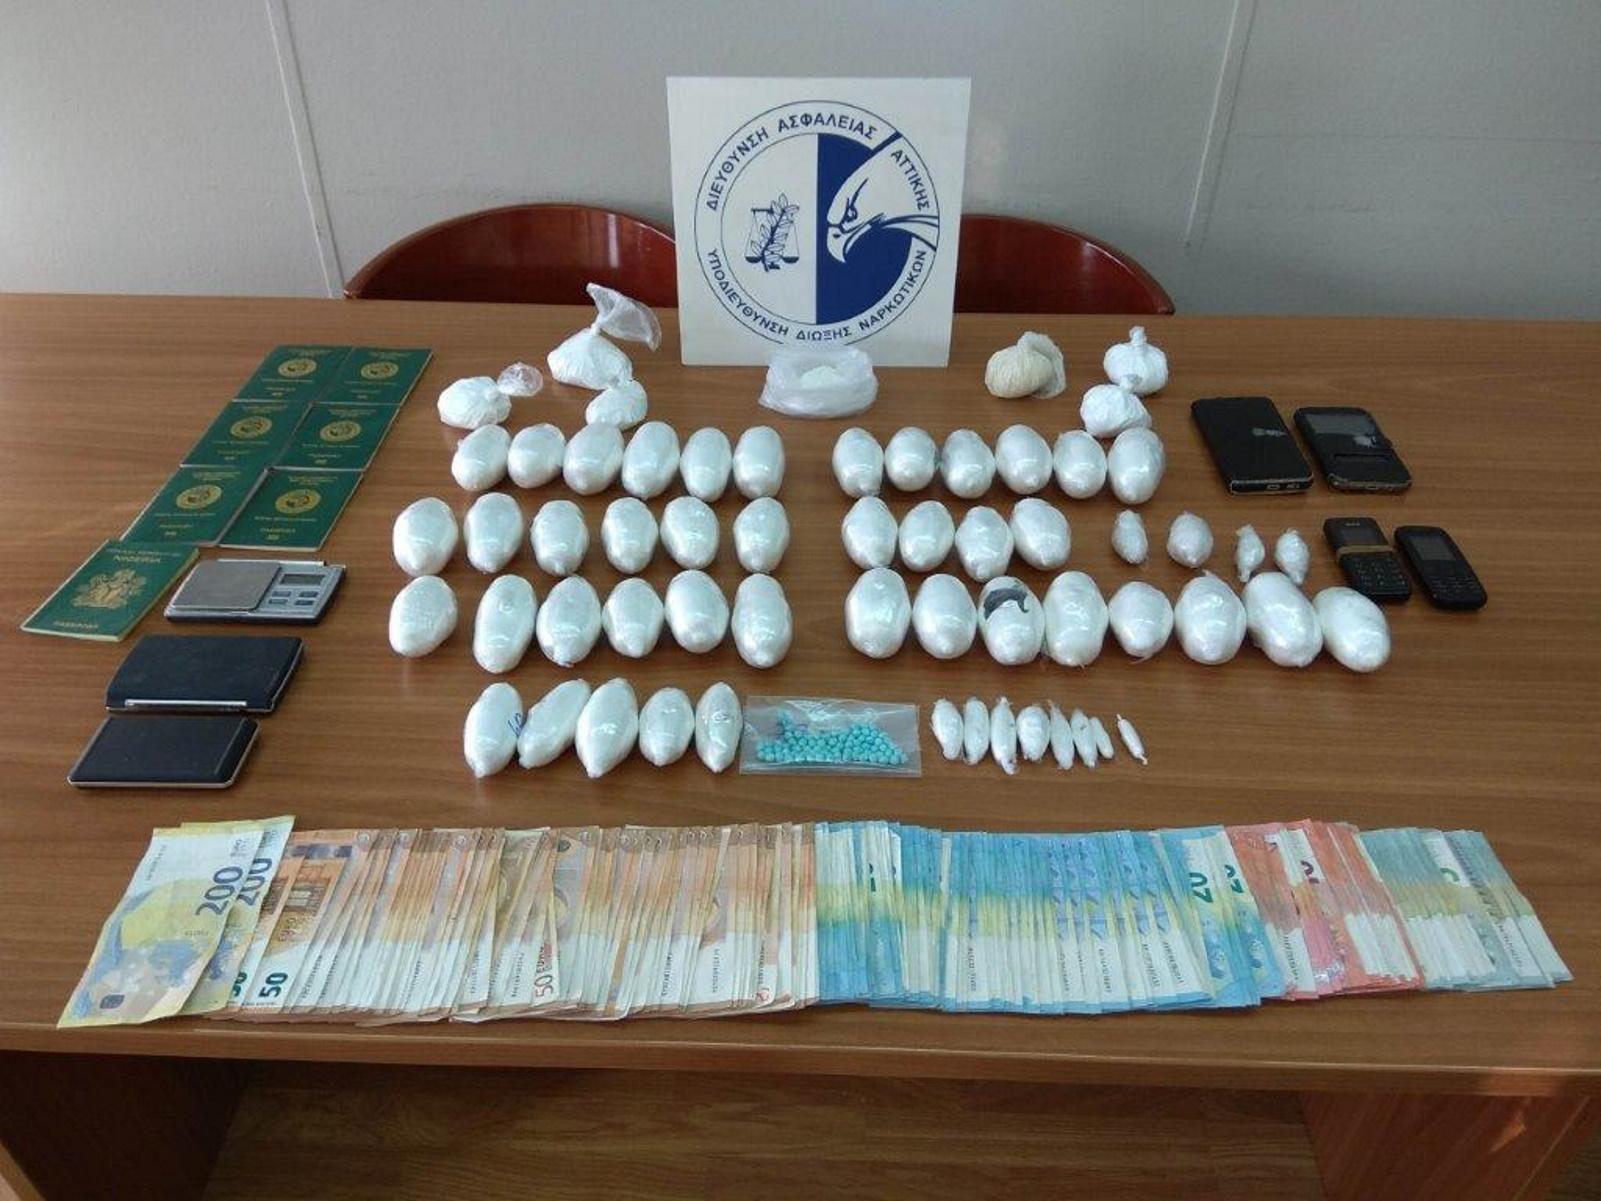 Εξαρθρώθηκε σπείρα ναρκωτικών: Διακινούσε κοκαΐνη και ηρωίνη σε Κυψέλη και Άγιο Παντελεήμονα (pics)